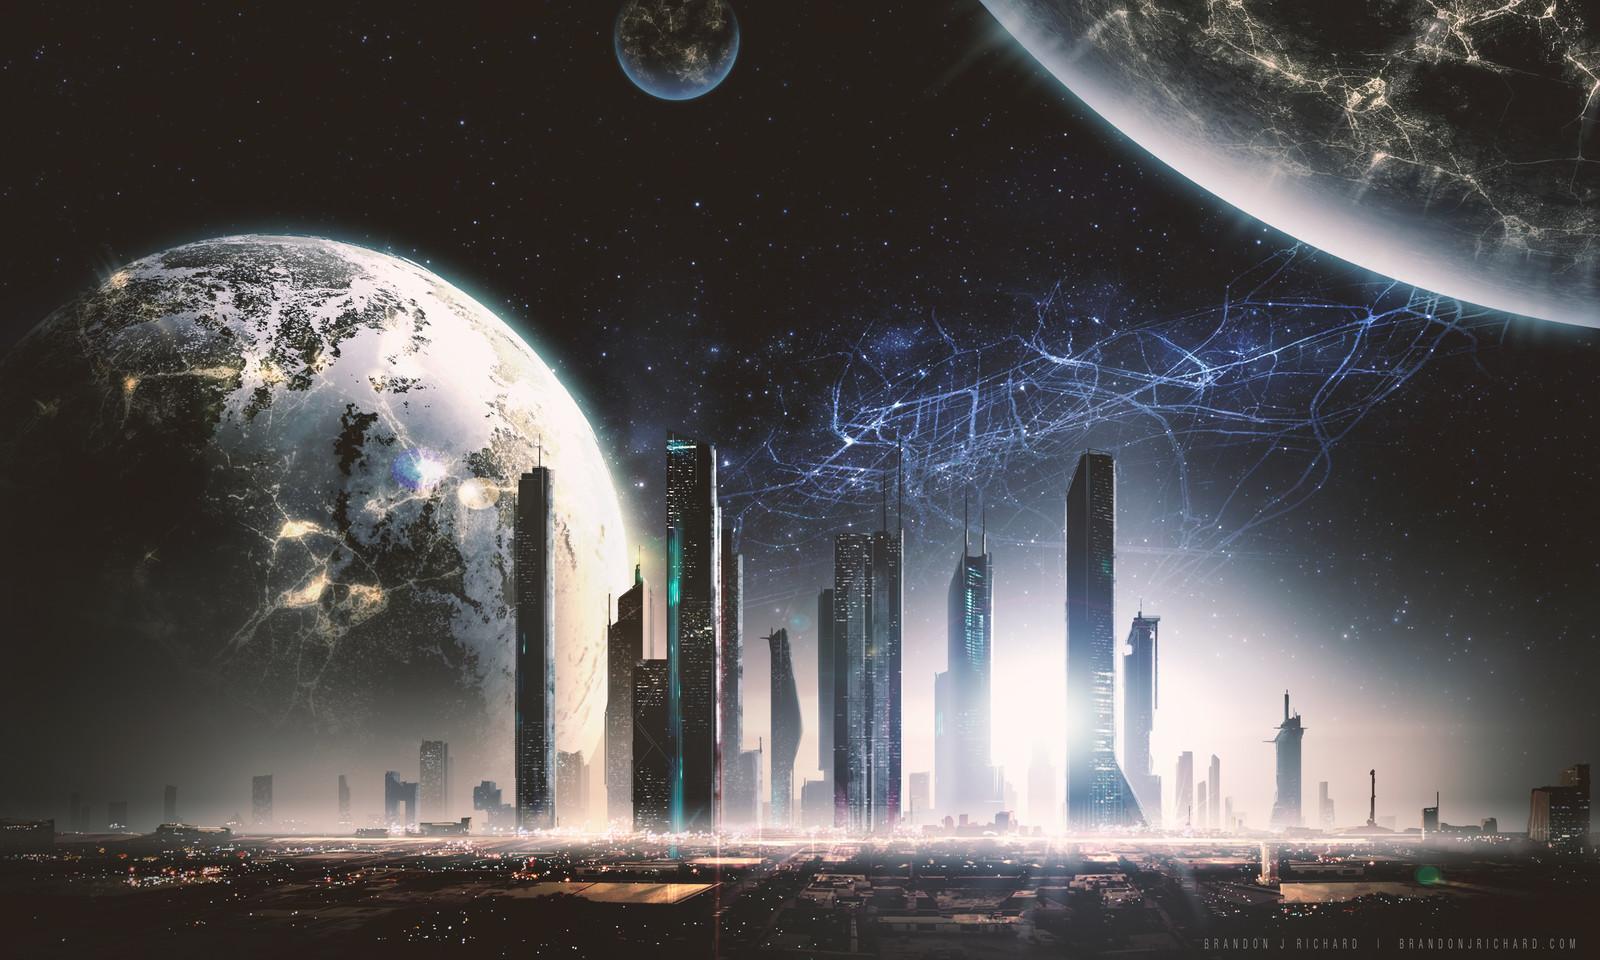 Expansive Civilization Concept